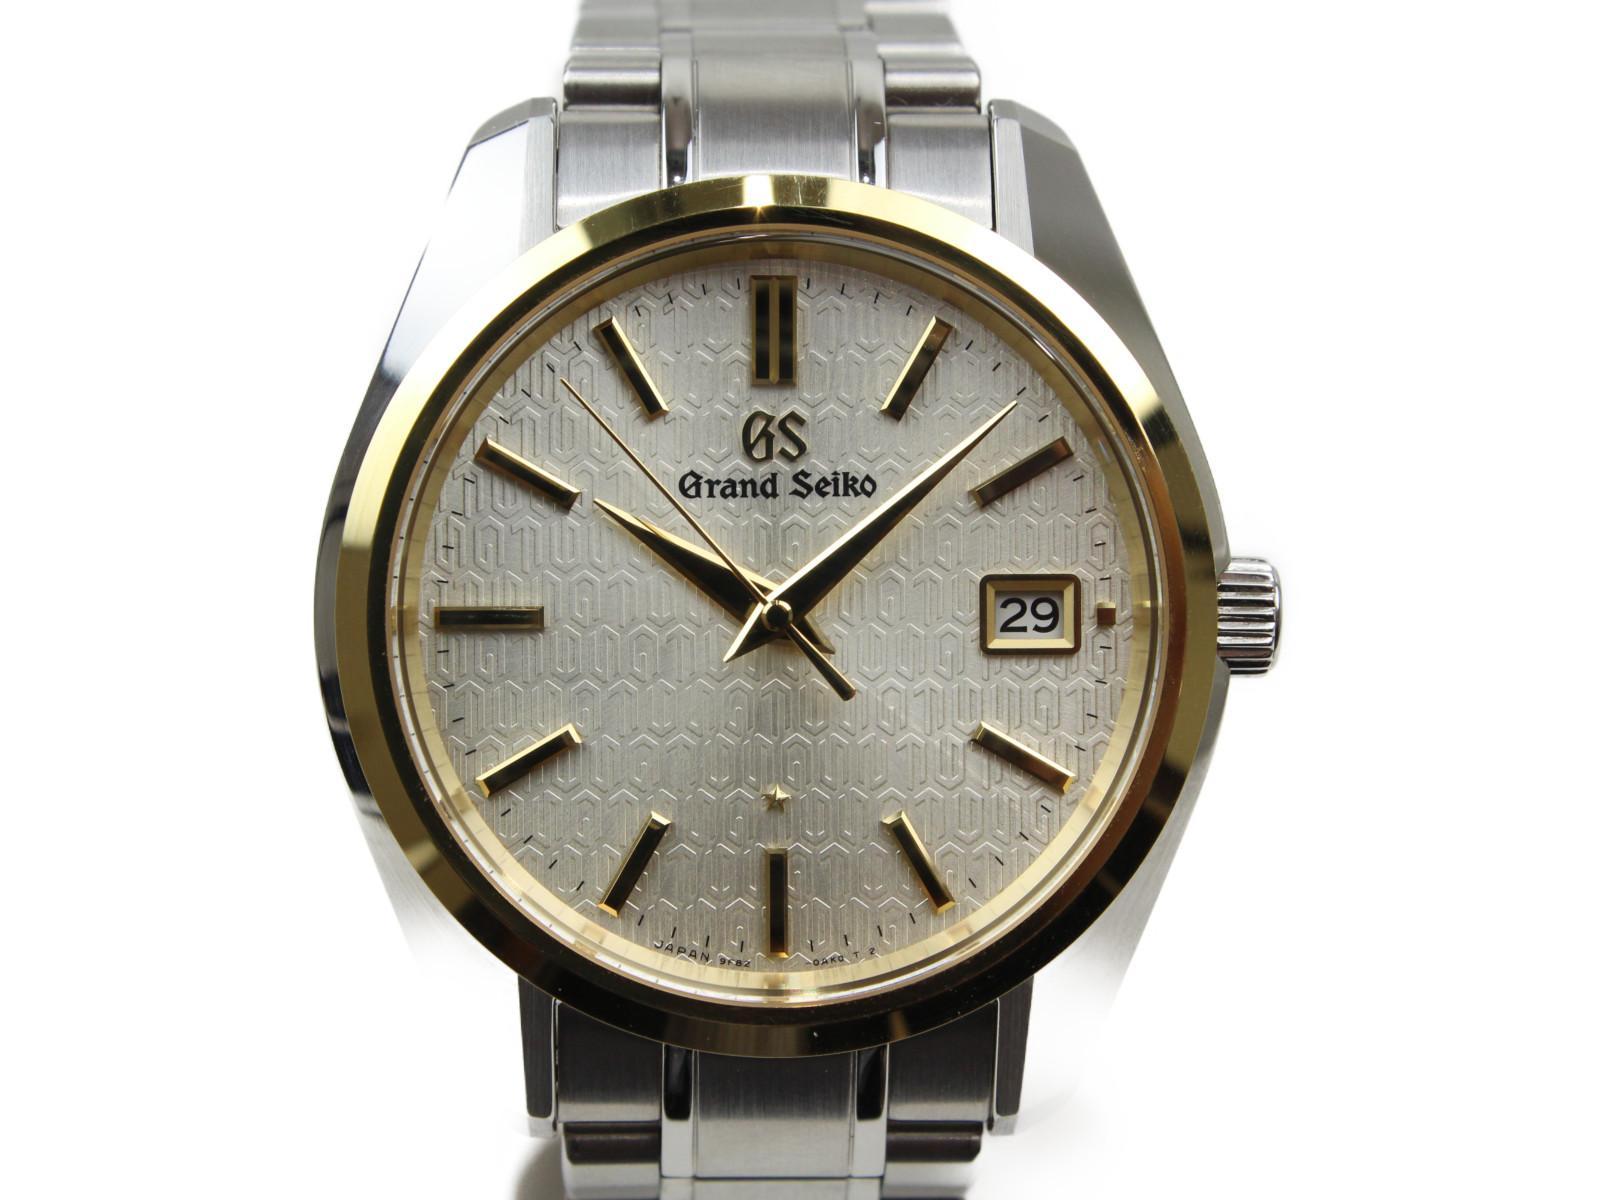 【25周年記念限定モデル】GRAND SEIKO グランドセイコー ギャリバー9F SBGV238 600本限定 クオーツ デイト K18 イエローゴールド ステンレススチール メンズ 腕時計【中古】